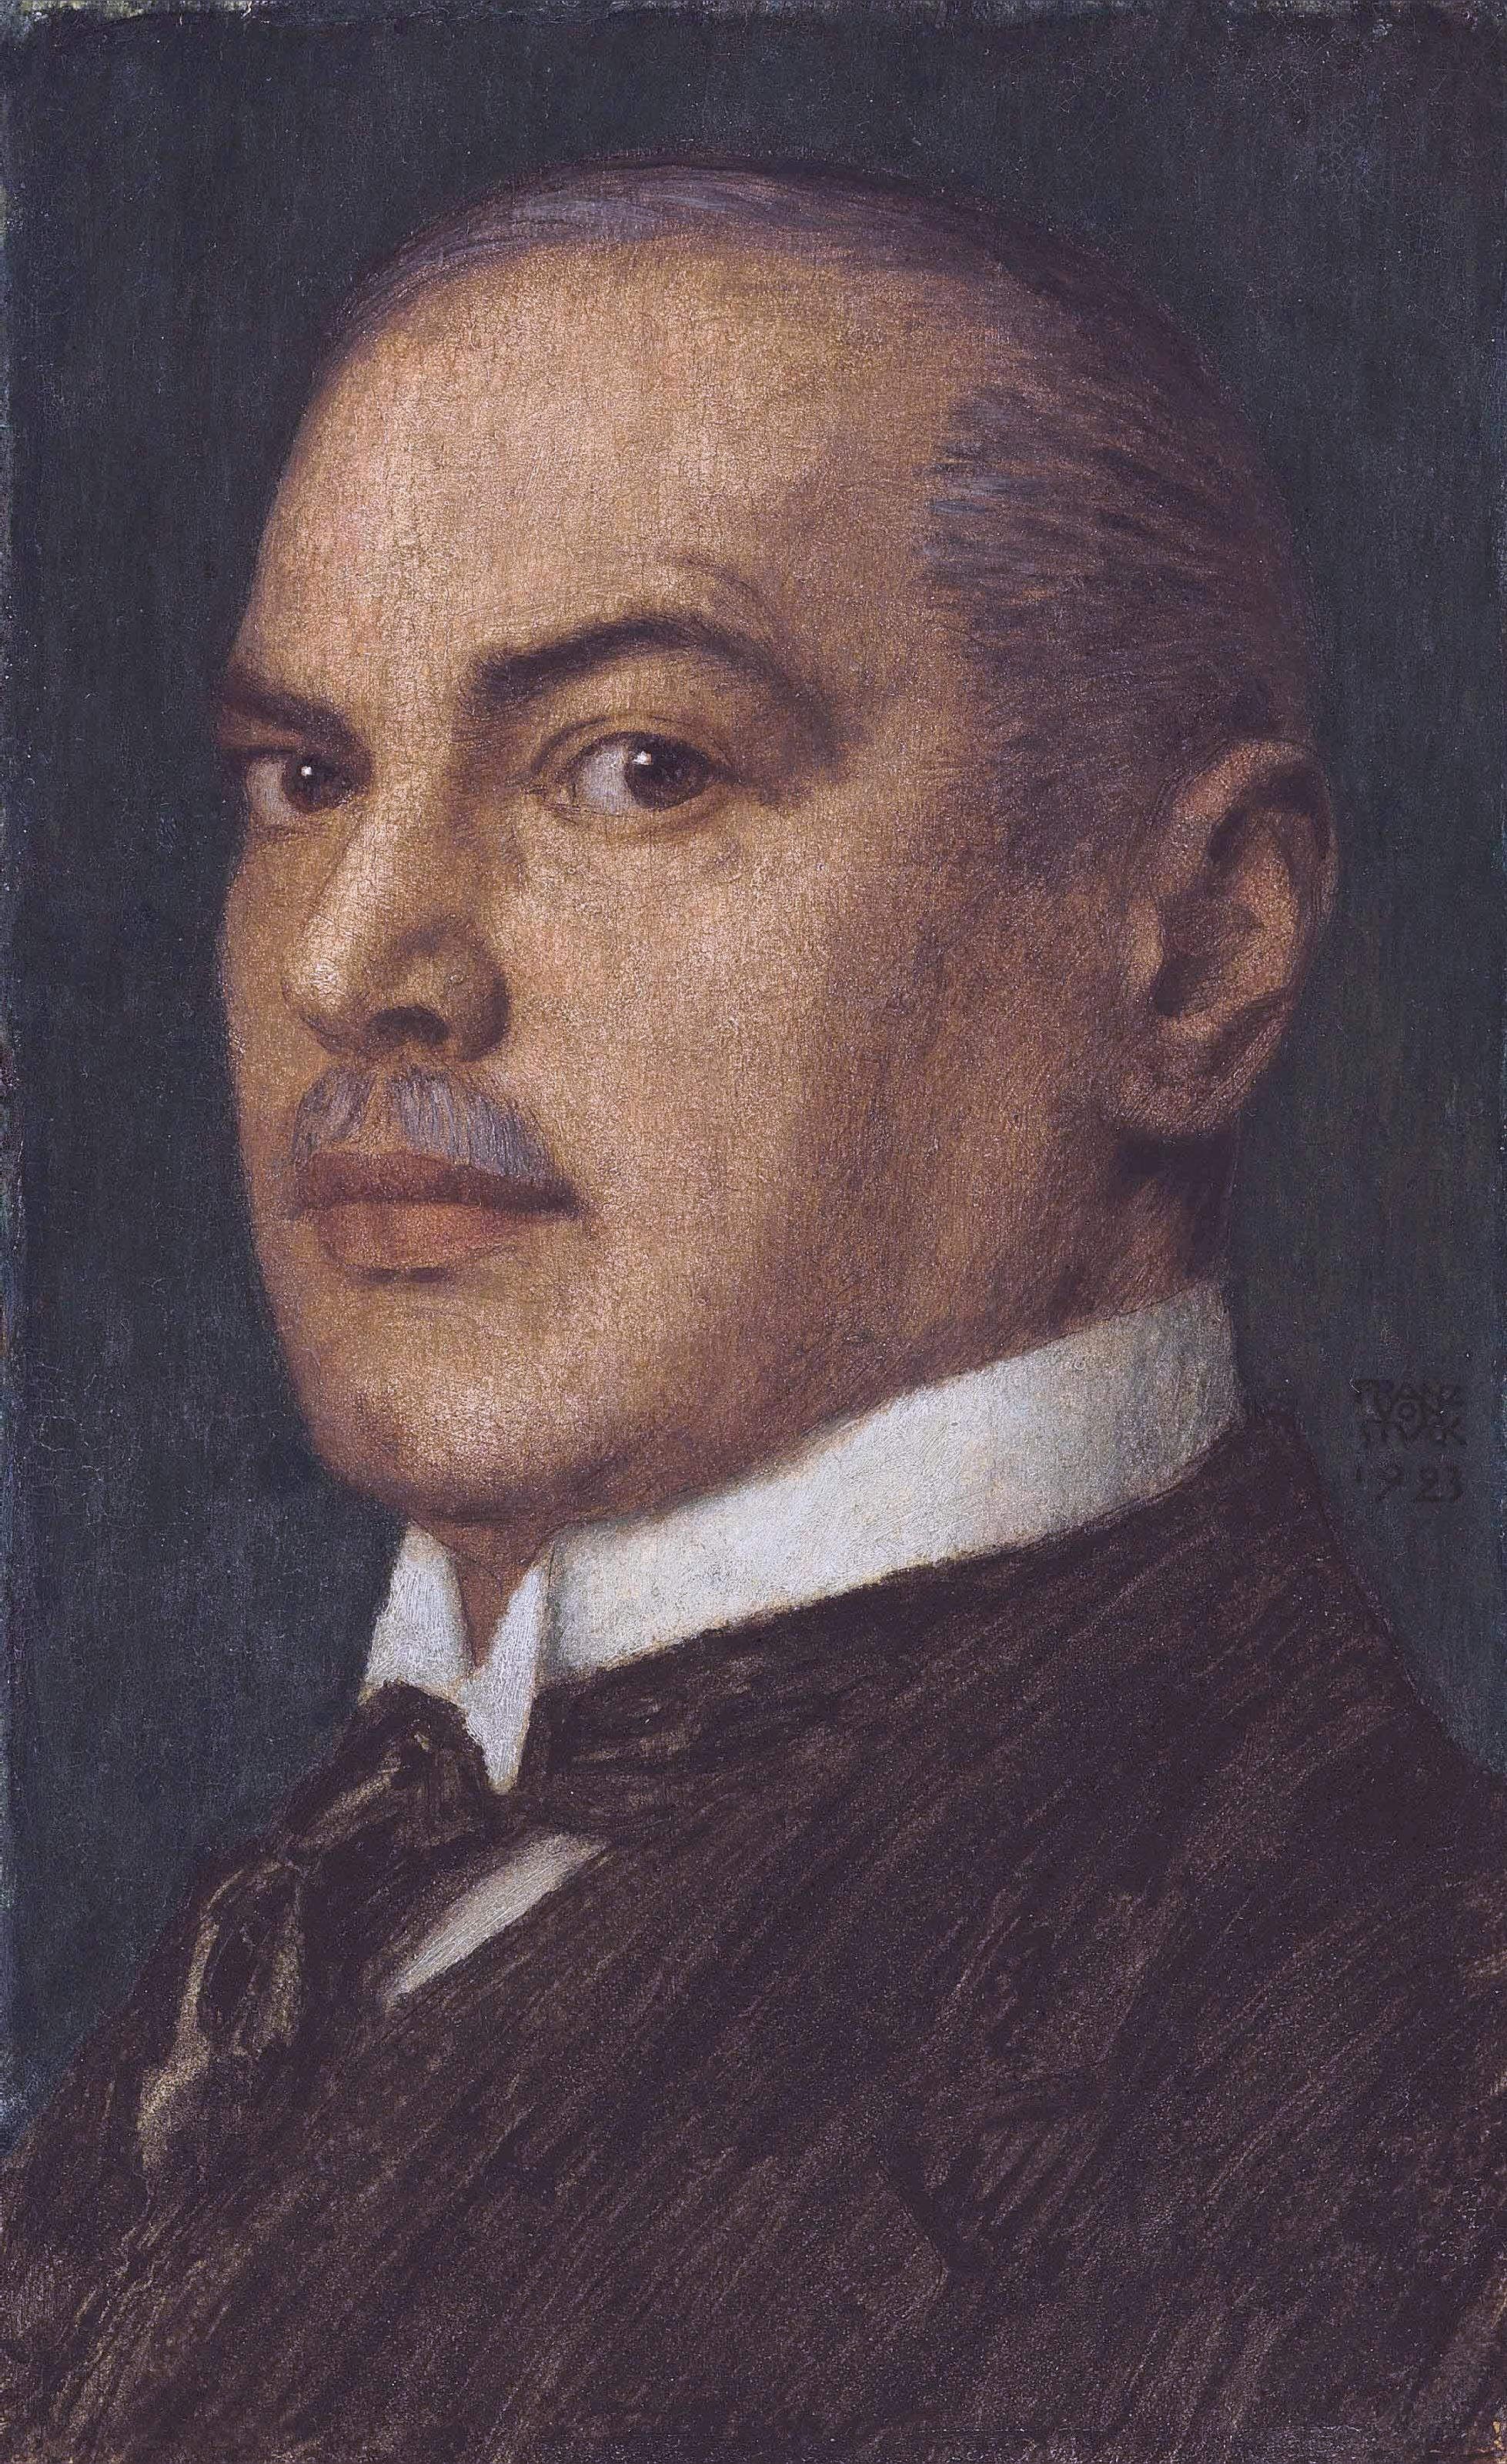 Image of Franz von Stück from Wikidata